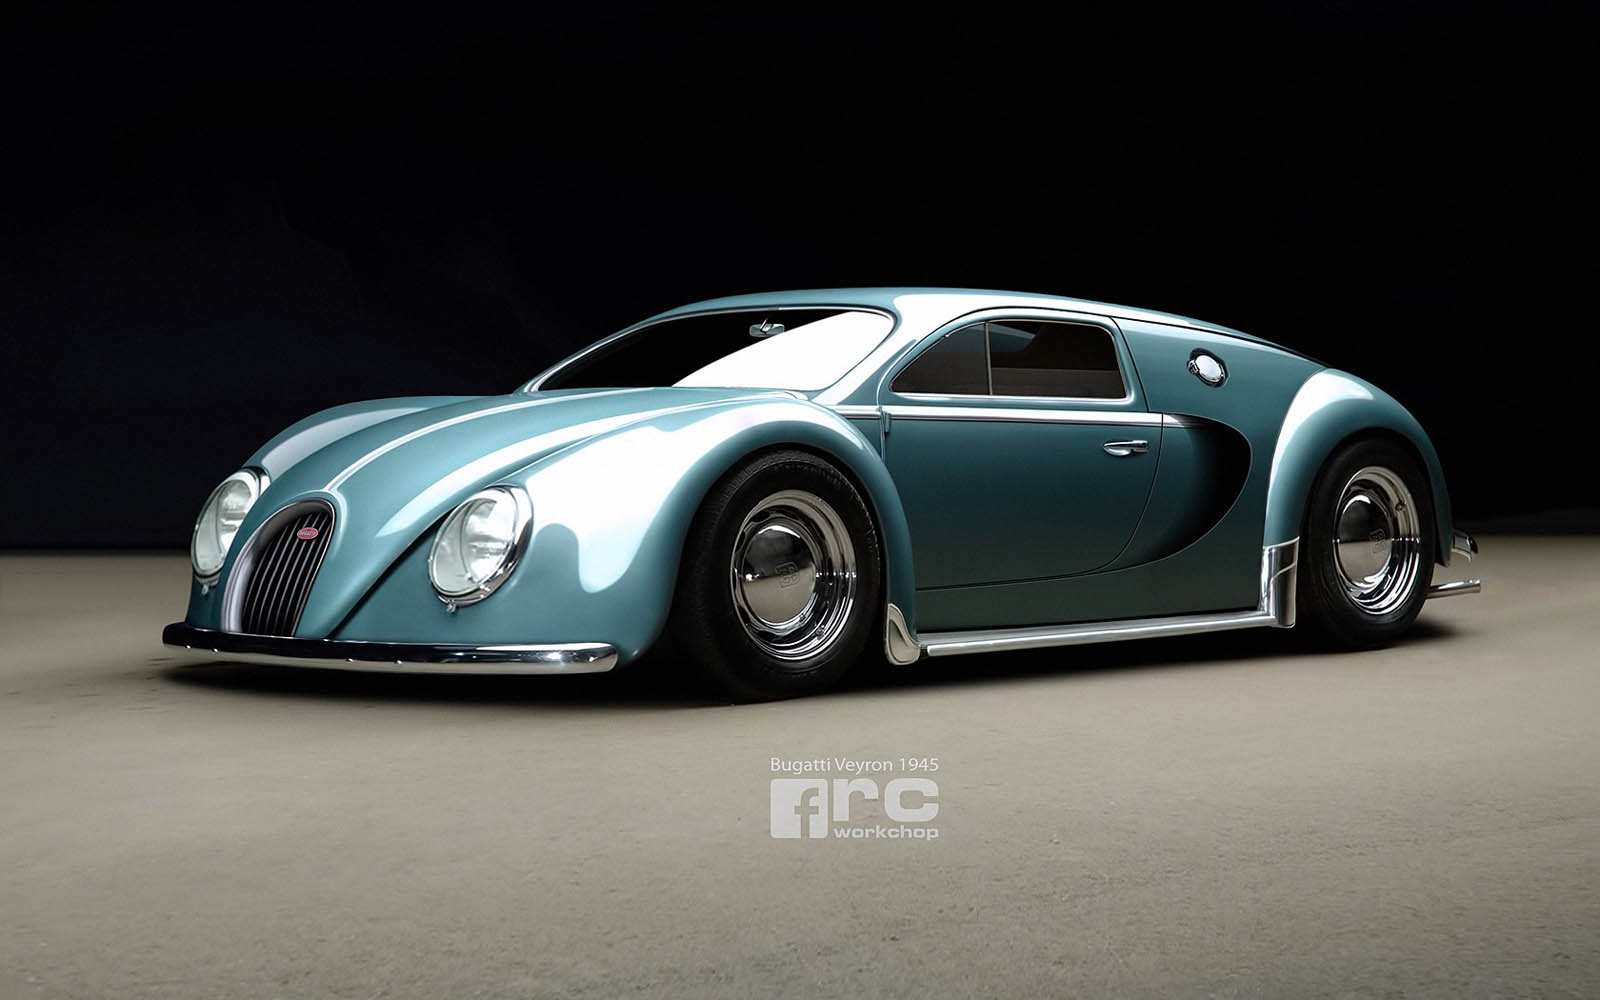 Where are bugatti cars made